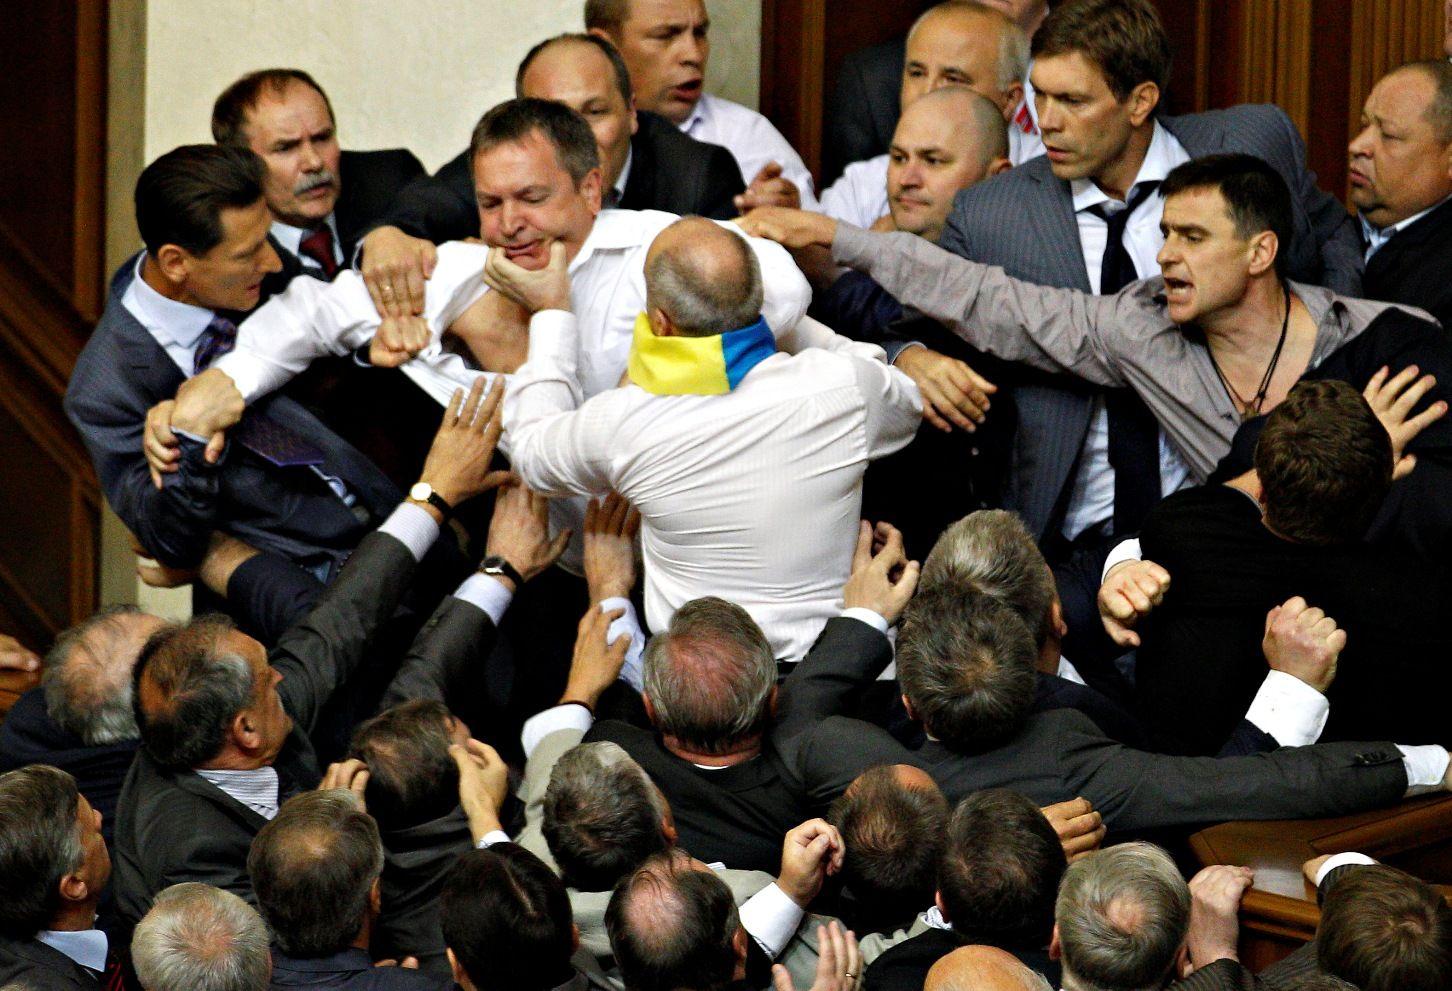 Передбачувана майбутня політика нового українського парламенту